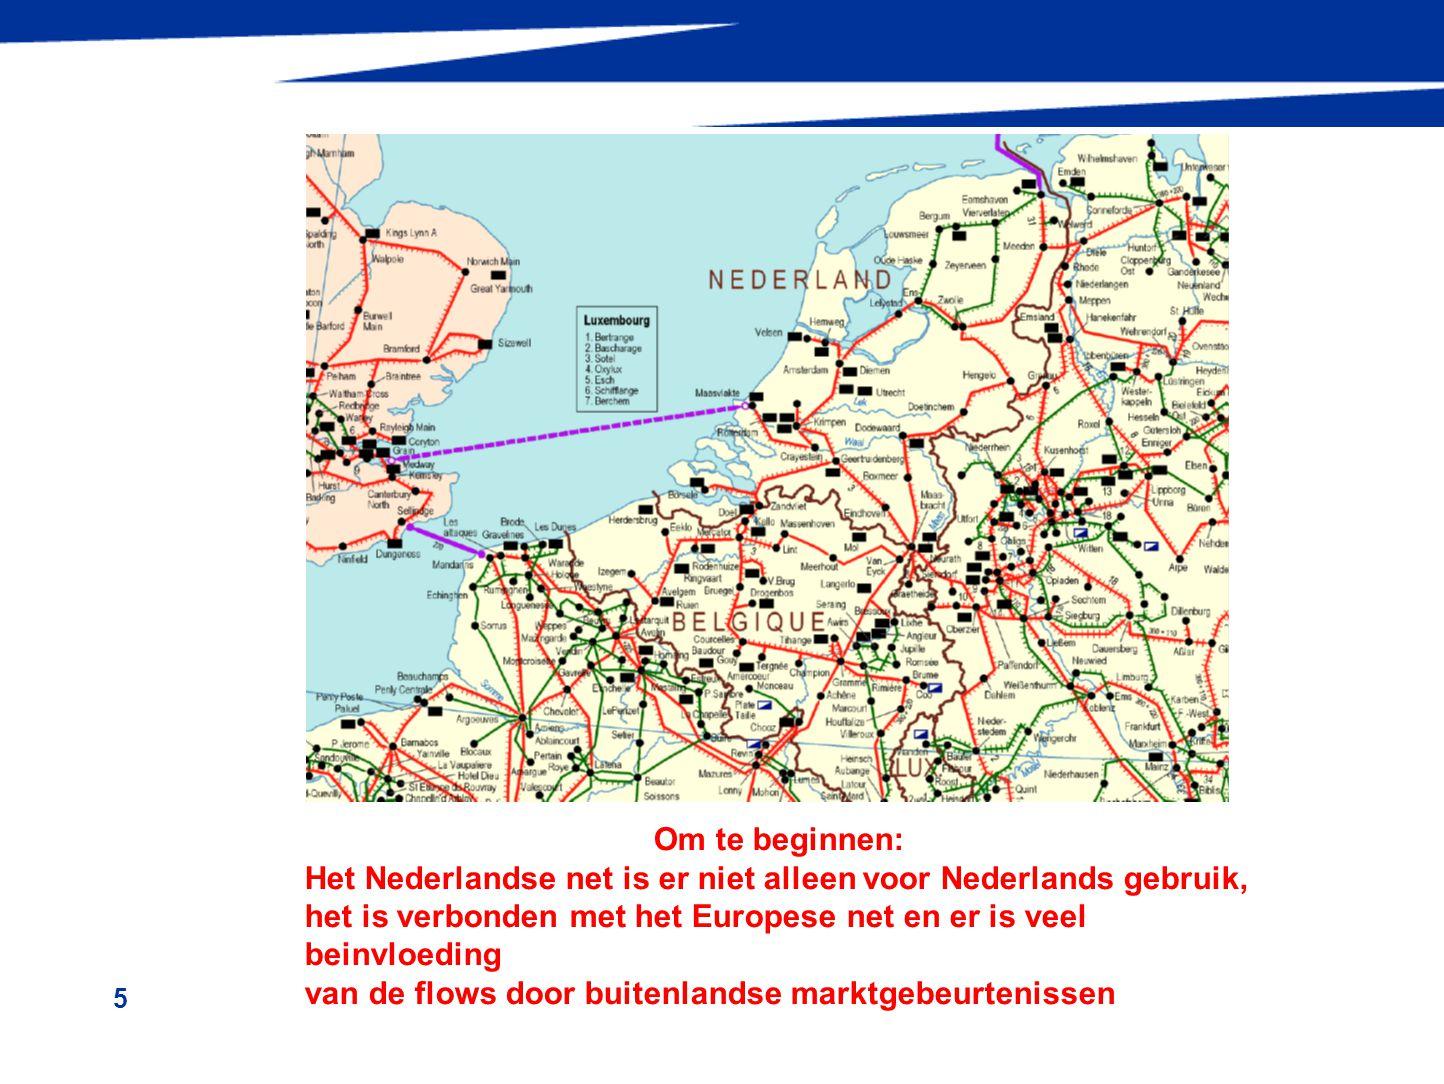 16 1 2 3 4 2a 5 1a 1Noord-Nederland 1aNO polder 2Zuid-Holland 2aWestland 3Zeeland/West-Brabant 4Noord-Holland 5380 kV-ring Mogelijke congestiegebieden in de komende jaren, zoals gedecteerd per begin 2009